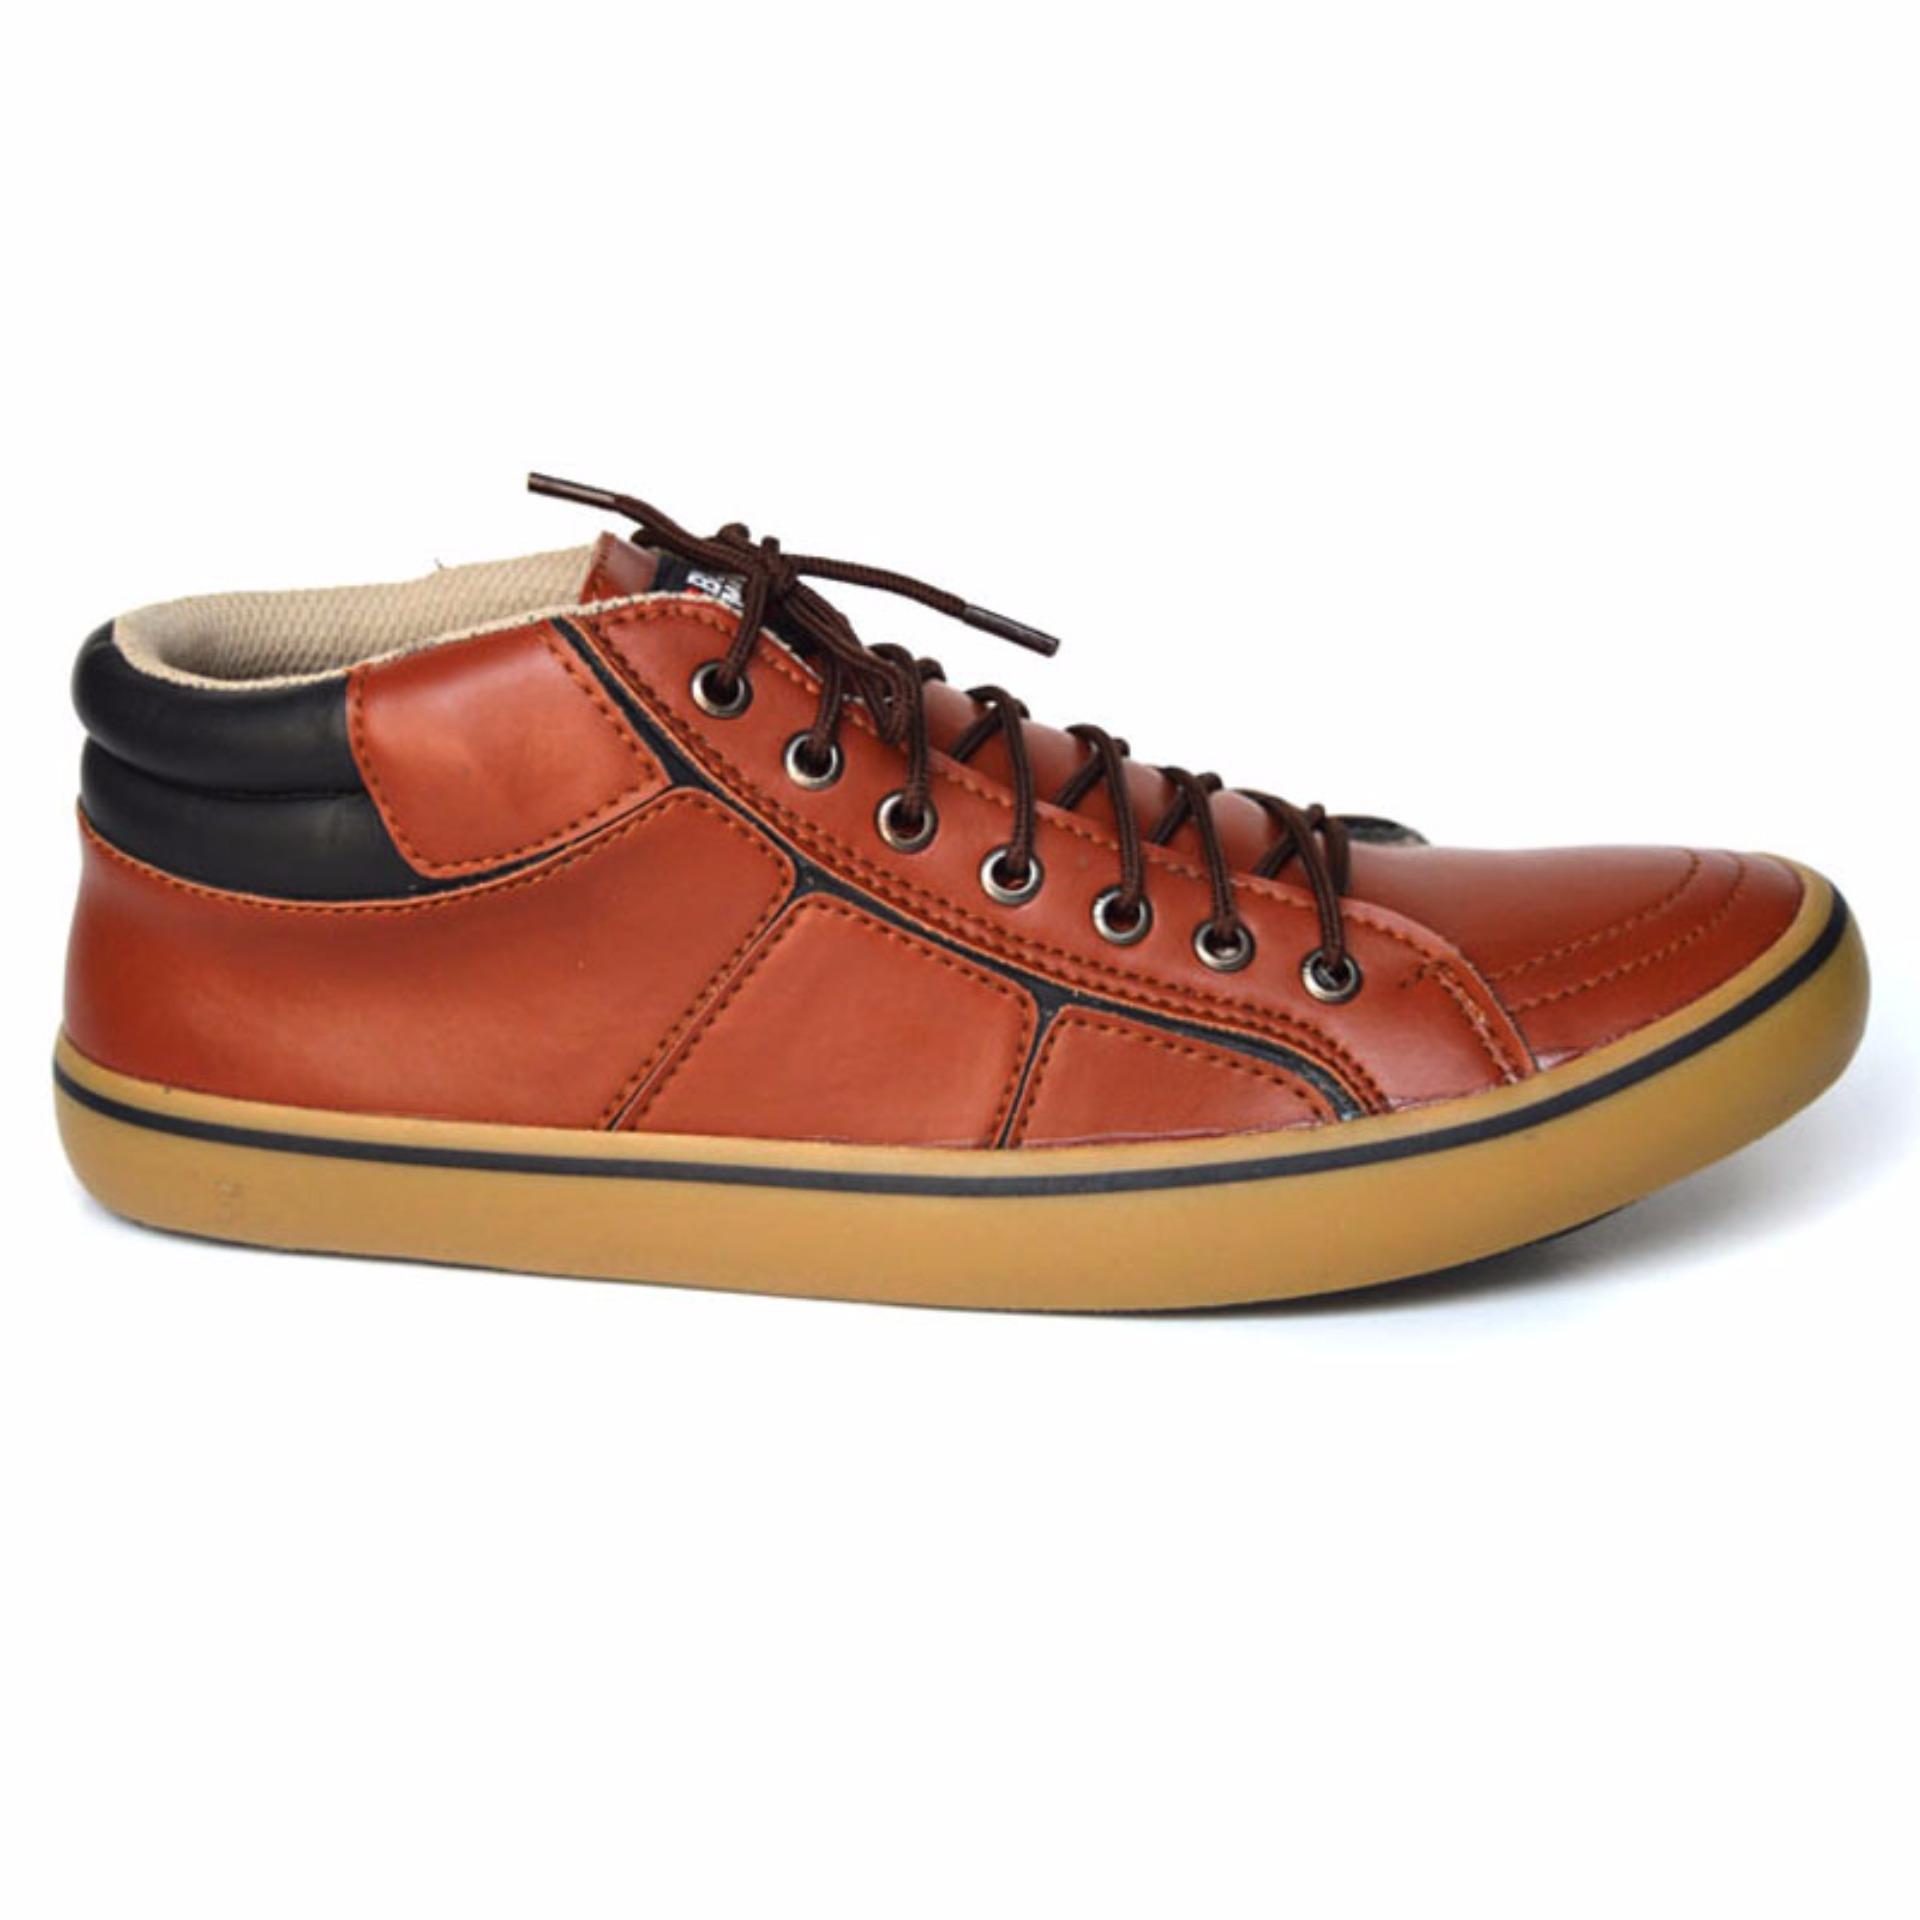 Black Master Geox Sepatu Sneakers Pria tan